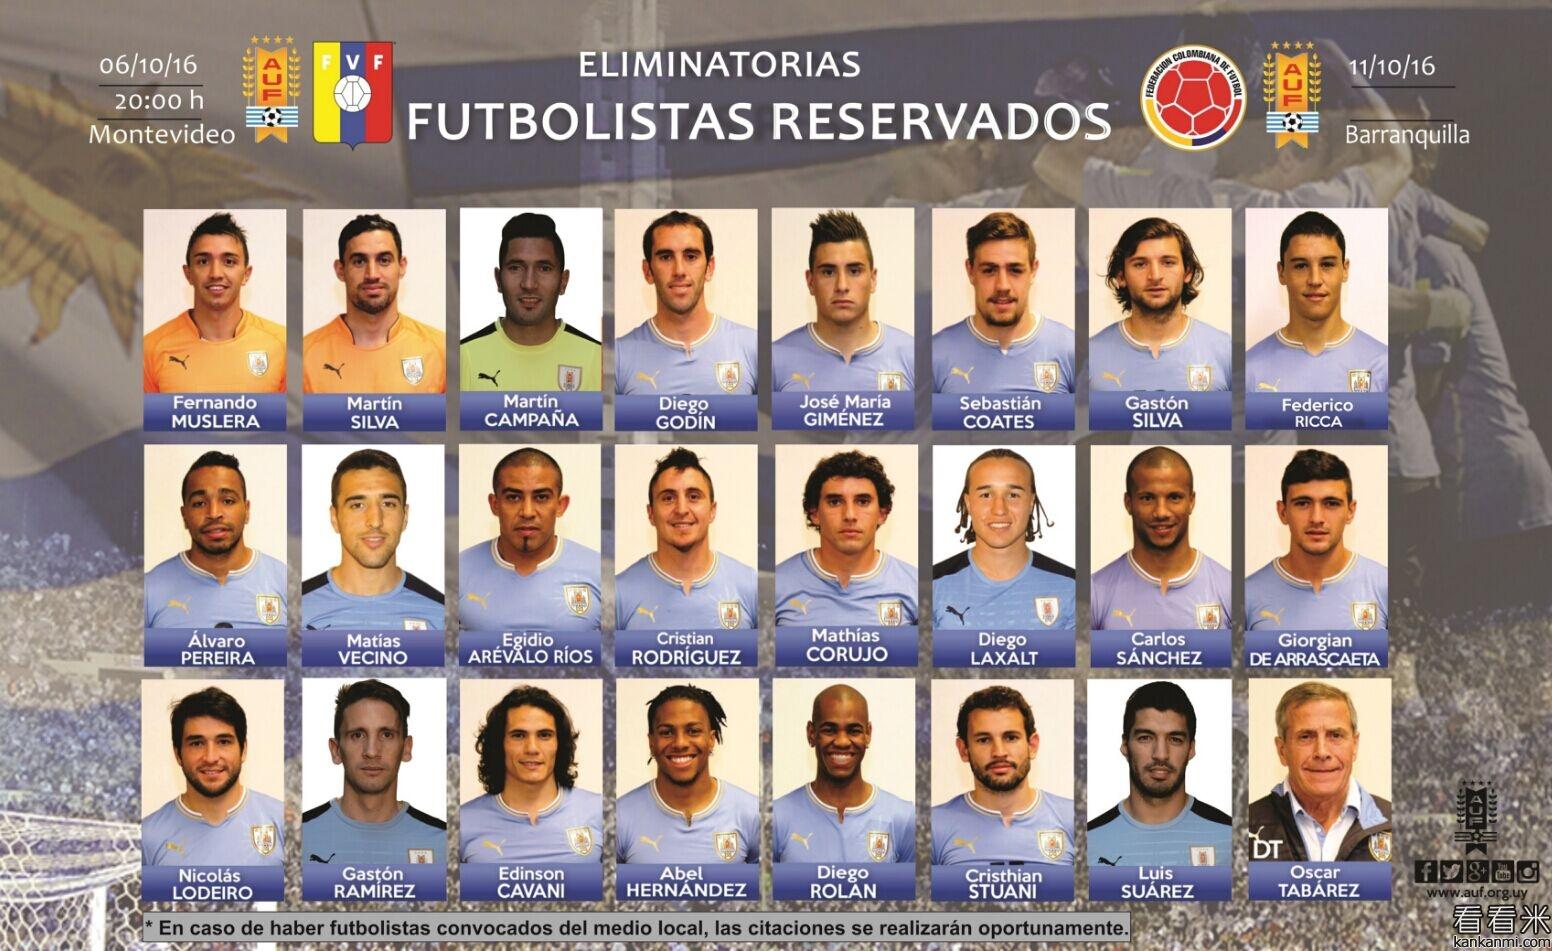 北京时间9月17日晚,乌拉圭足协在其官方网站上公布了最新一期的国家队大名单。其中,苏亚雷斯、卡瓦尼以及戈丁等名将纷纷入选。 下月初,这支乌拉圭国家队将先后与委内瑞拉以及哥伦比亚展开世界杯预选赛的较量。 以下是完整的乌拉圭国家队大名单: 门将:穆斯莱拉(加拉塔萨雷),马丁-席尔瓦(达伽马),坎帕拉(独立队); 后卫:吉梅内斯(马竞),戈丁(马竞),加斯顿-席尔瓦(格拉纳达),塞巴斯蒂安-科茨(葡萄牙体育),费尔南多-理查(马拉加),阿尔瓦罗-佩雷拉(波特诺山丘); 中场:贝西诺(佛罗伦萨),埃吉迪奥-阿雷